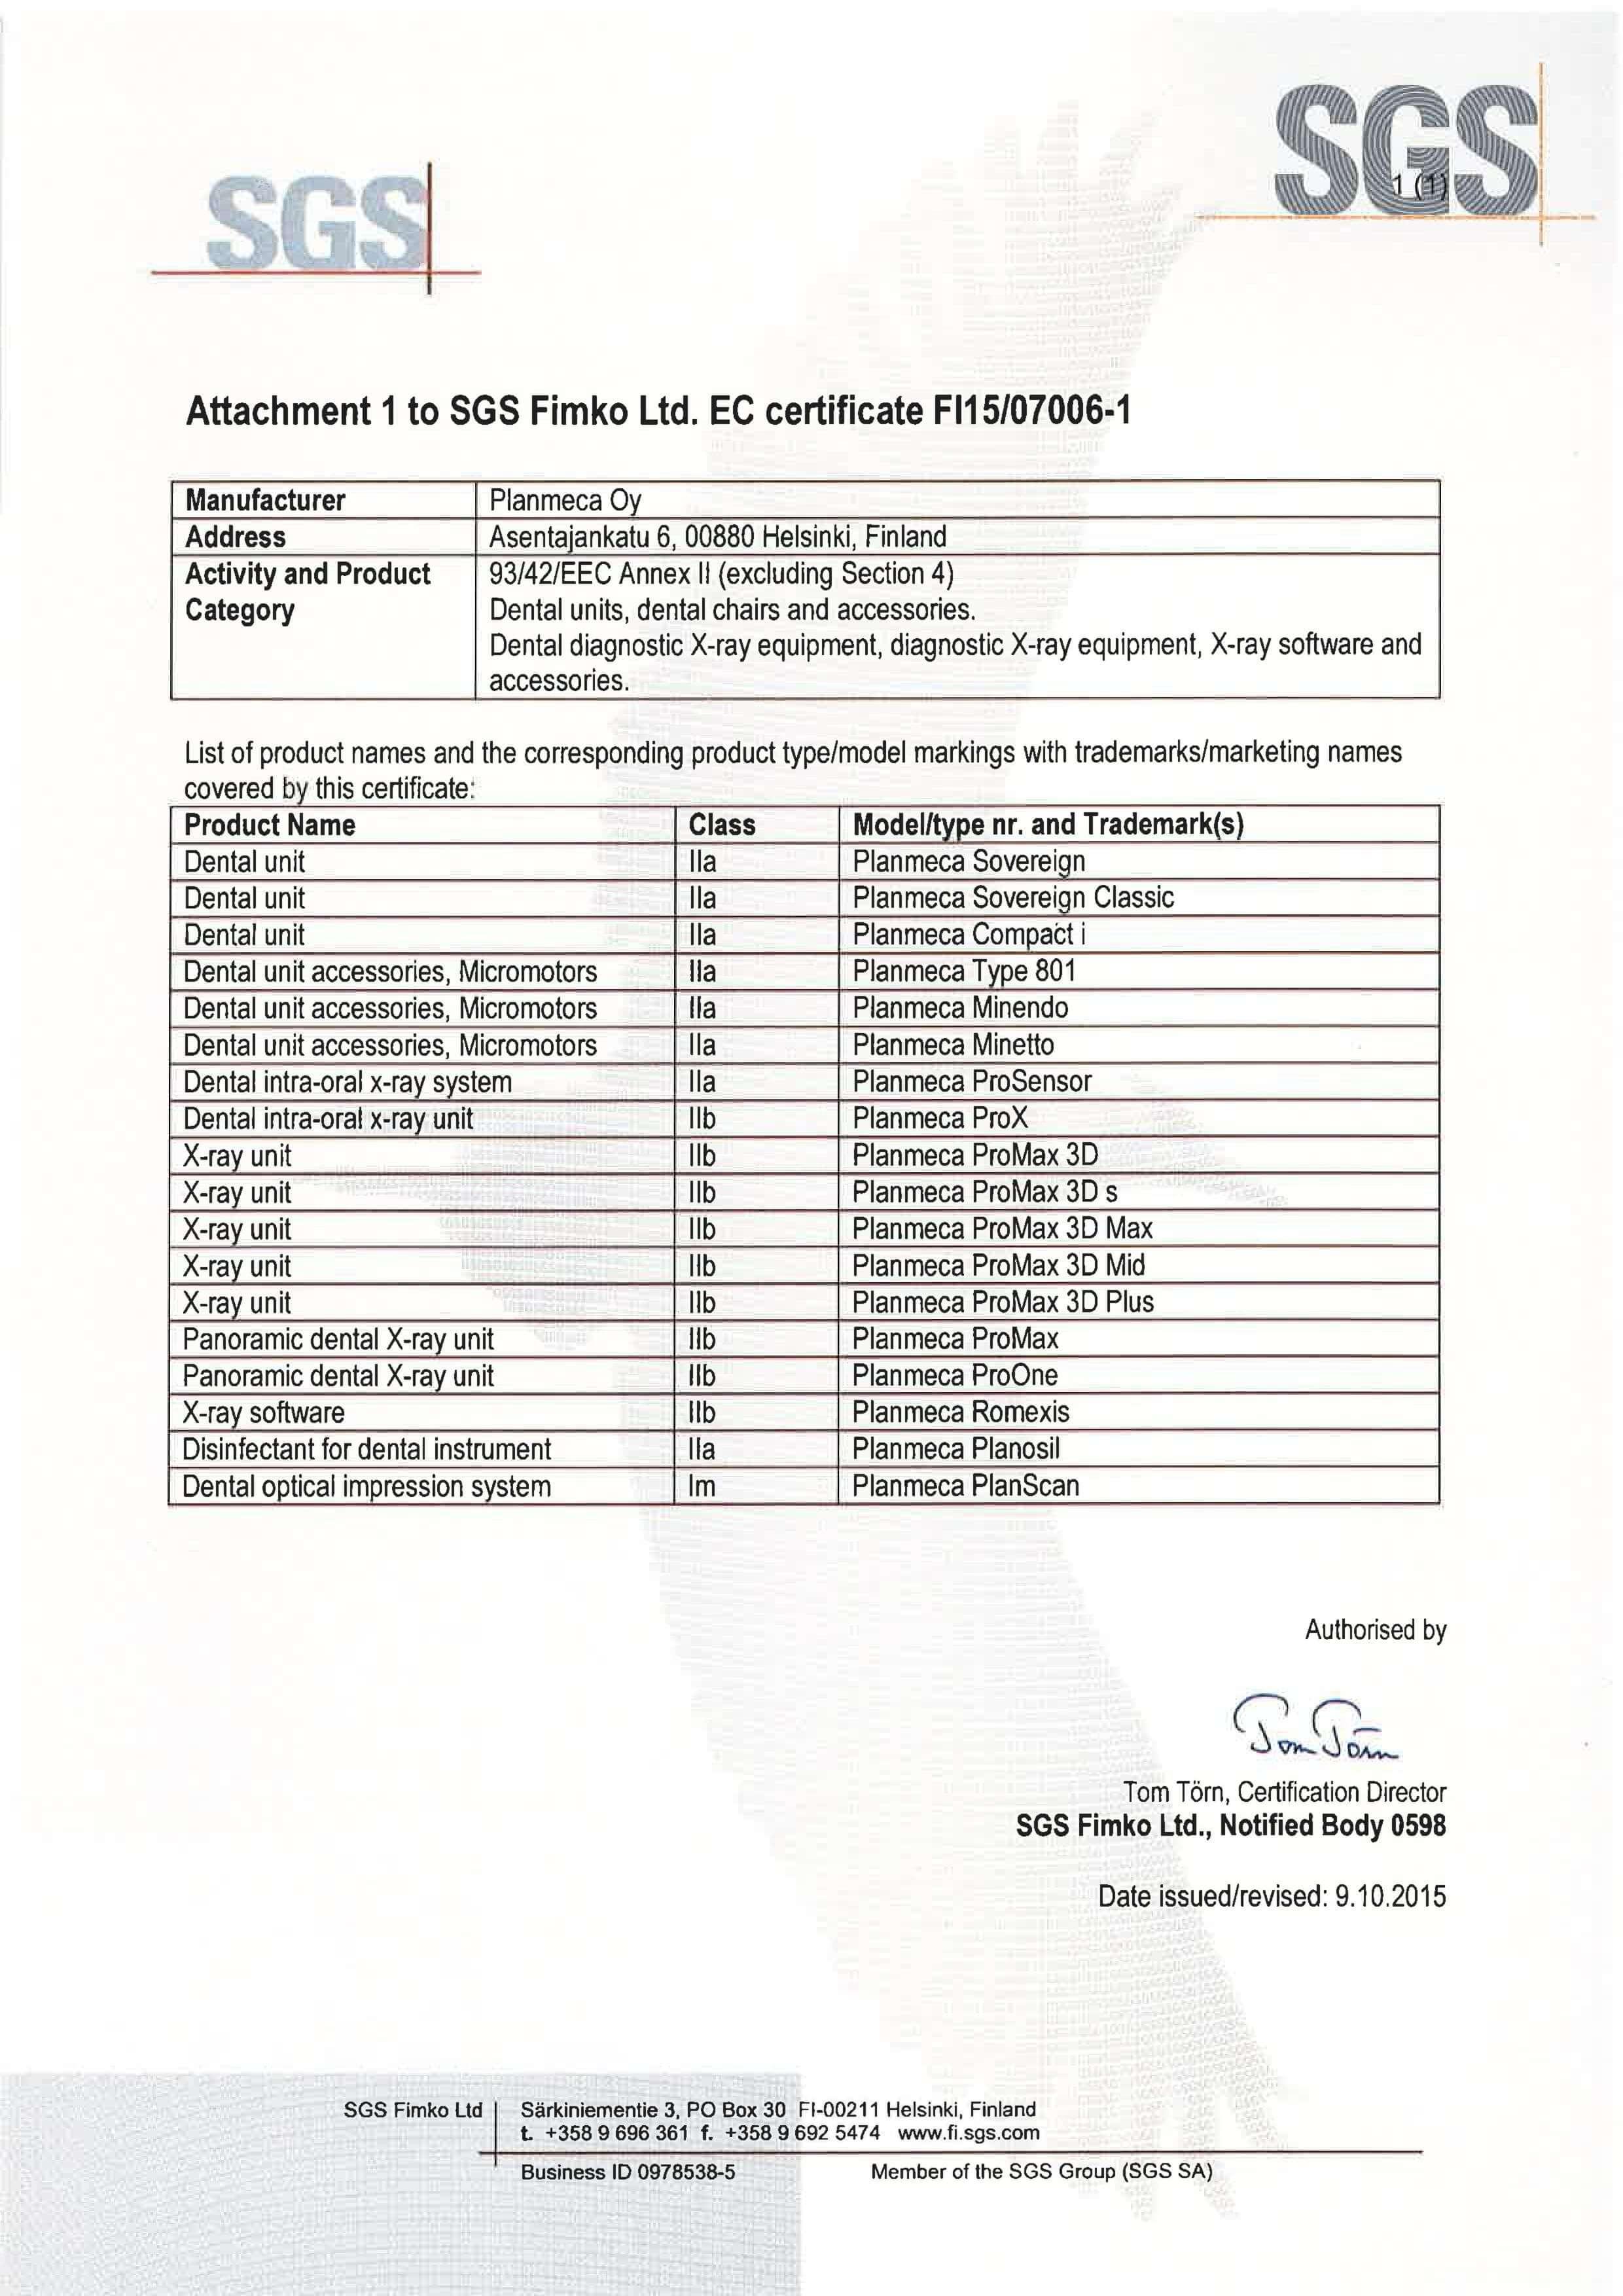 Certyfikat EEC Planmeca produkty